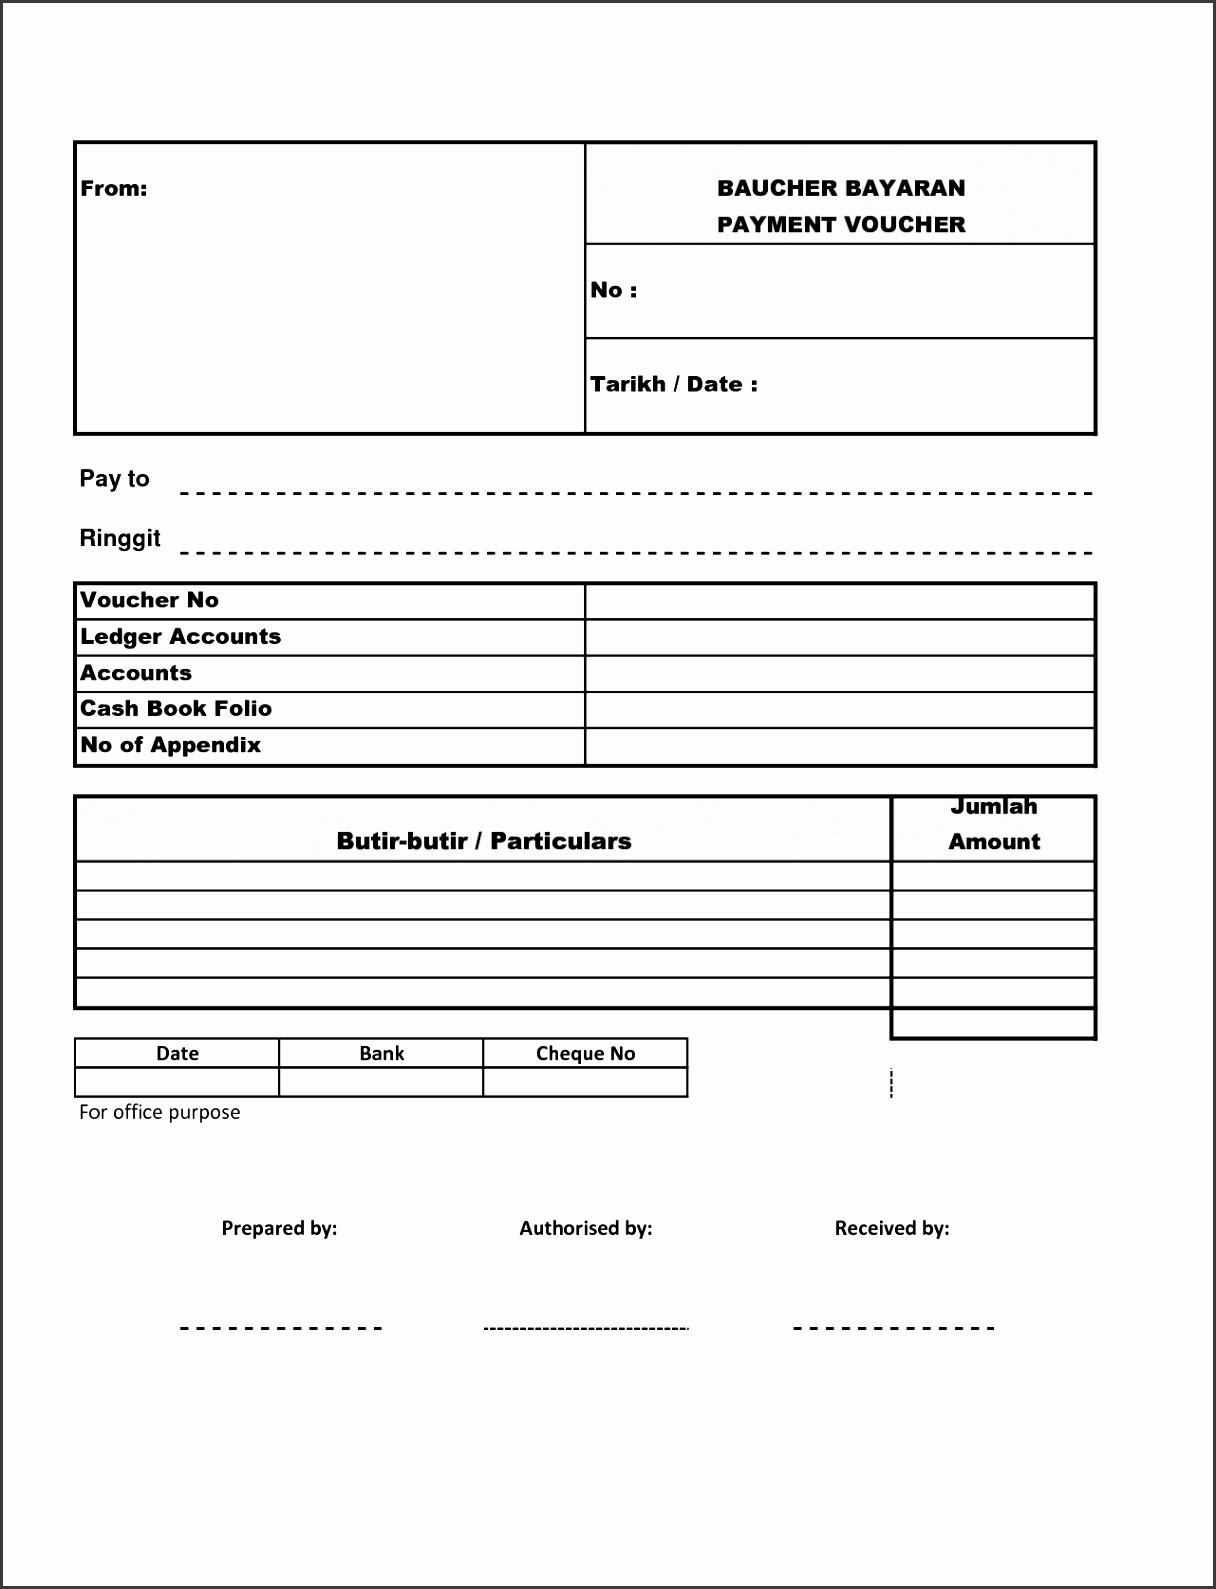 5 Cash Payment Voucher Template - SampleTemplatess - SampleTemplatess